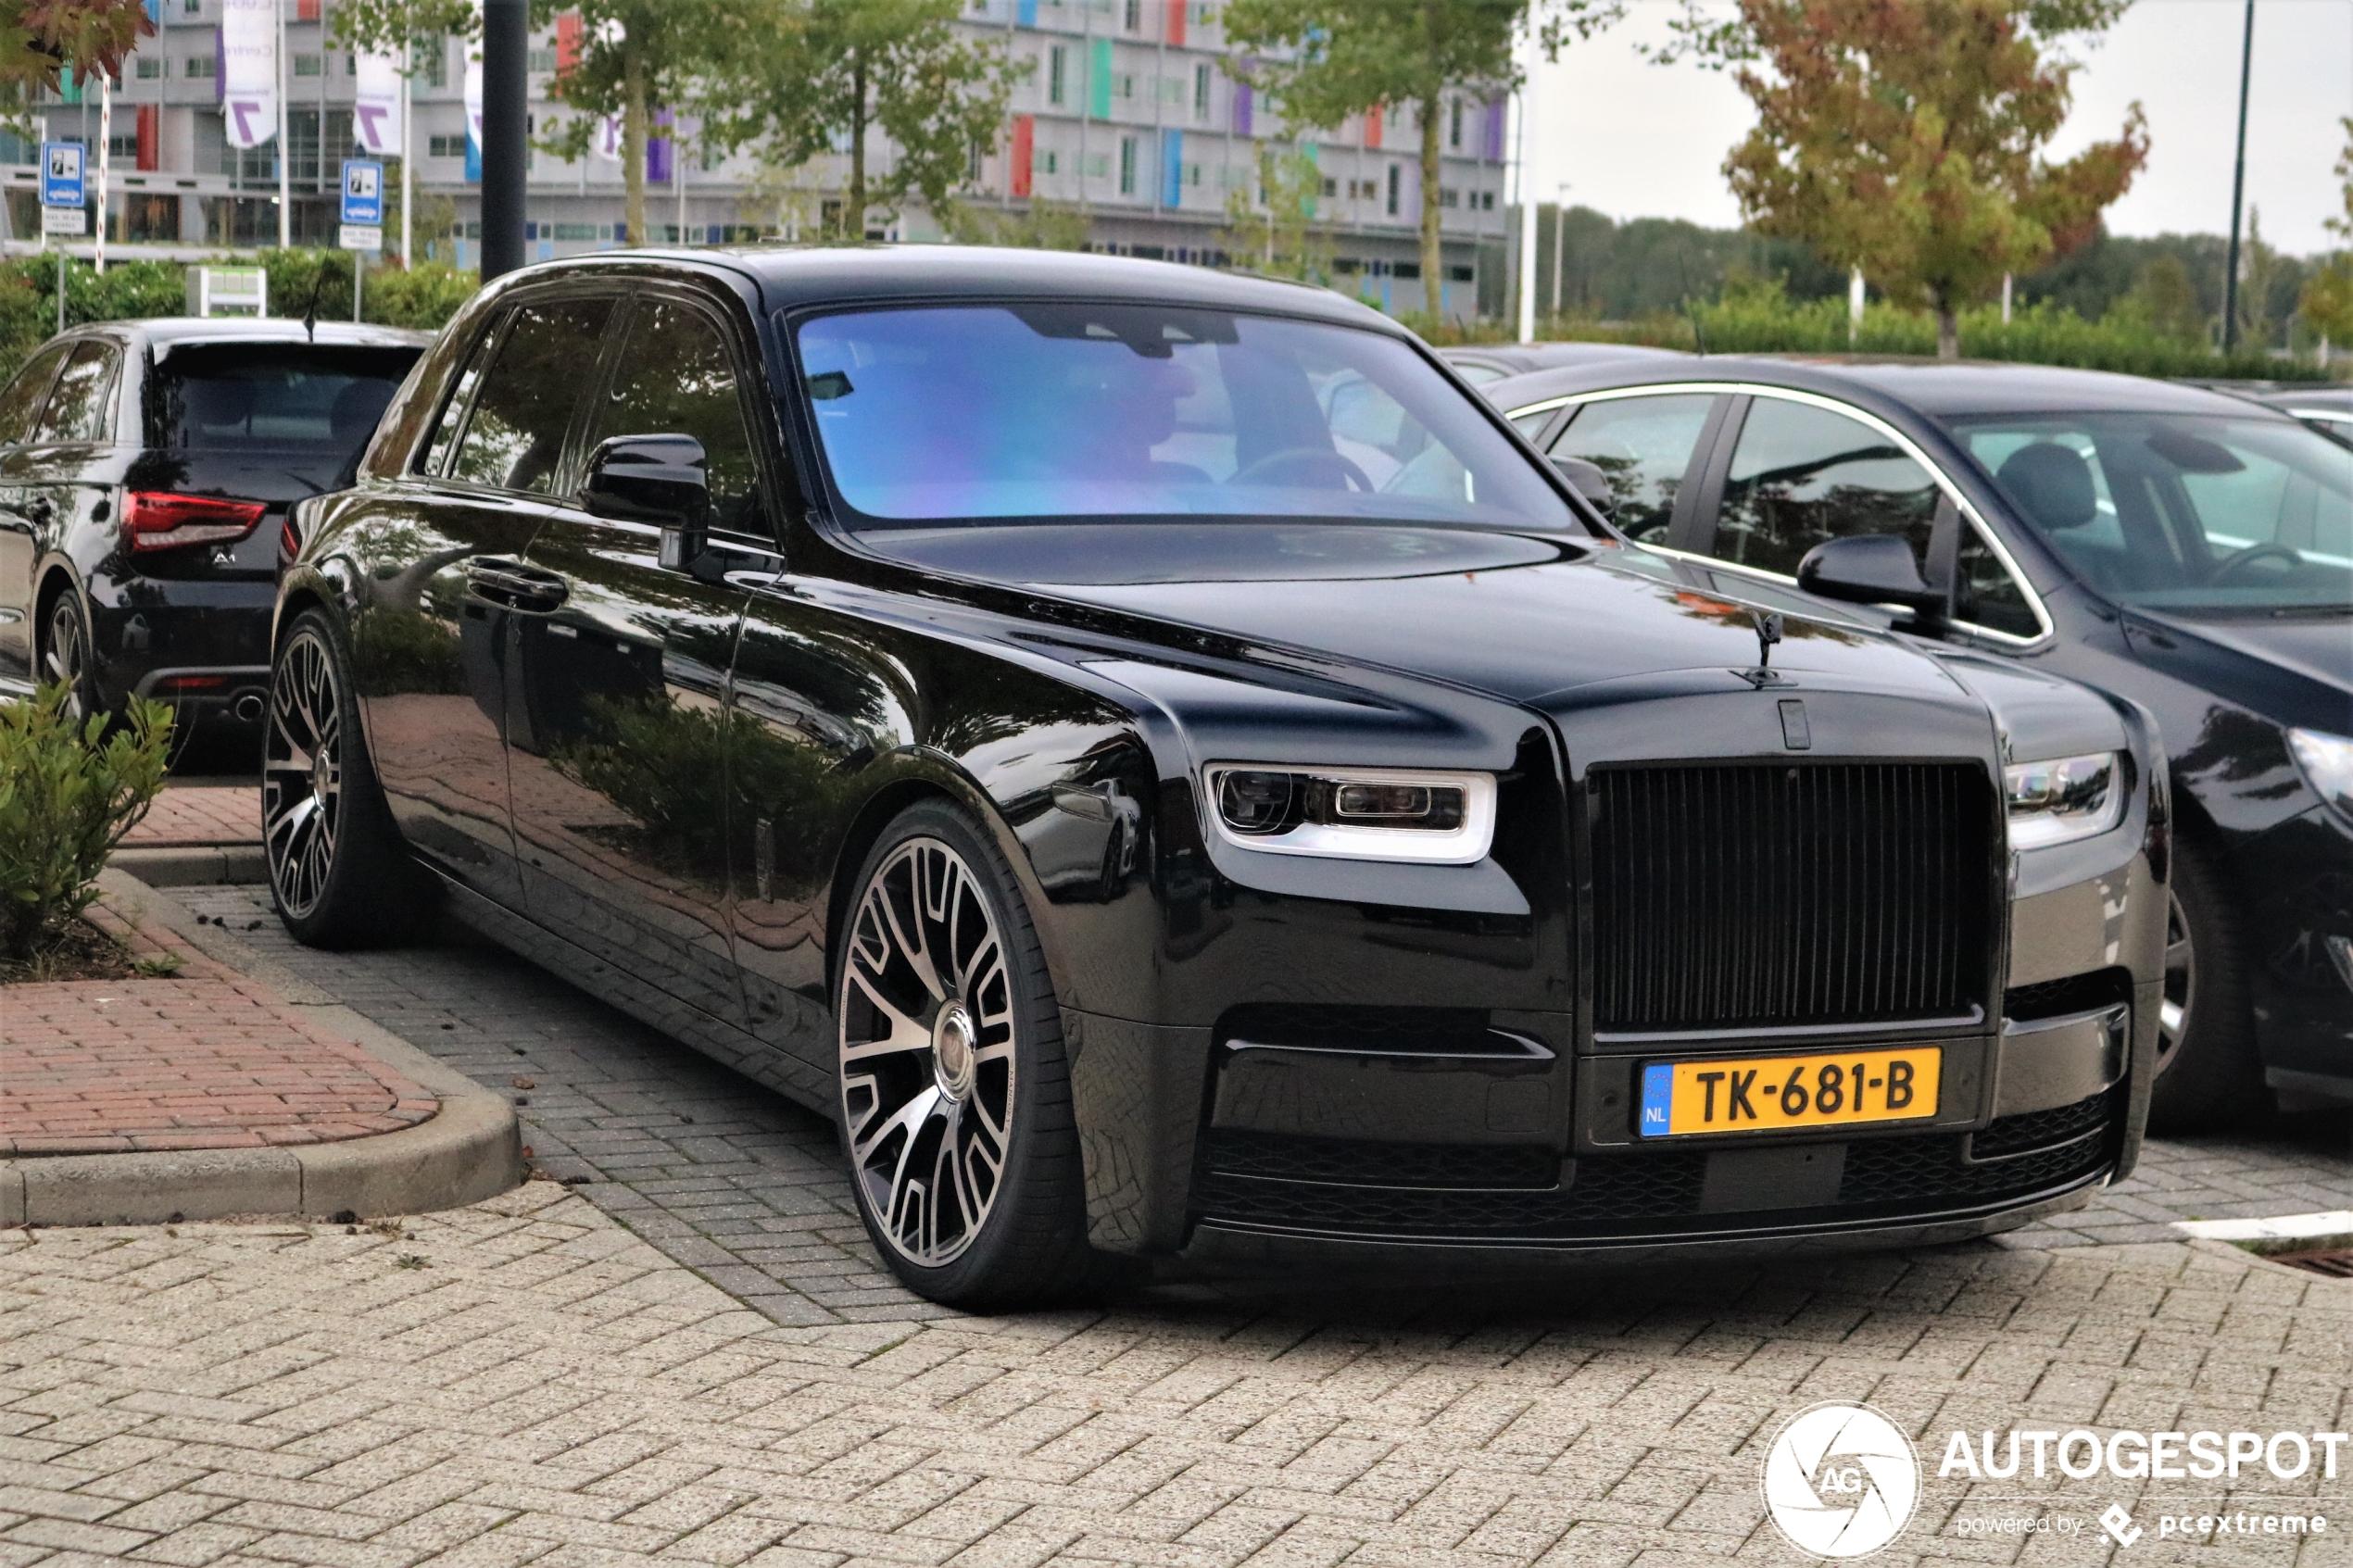 Al Capone zal verliefd zijn op deze Rolls-Royce Phantom